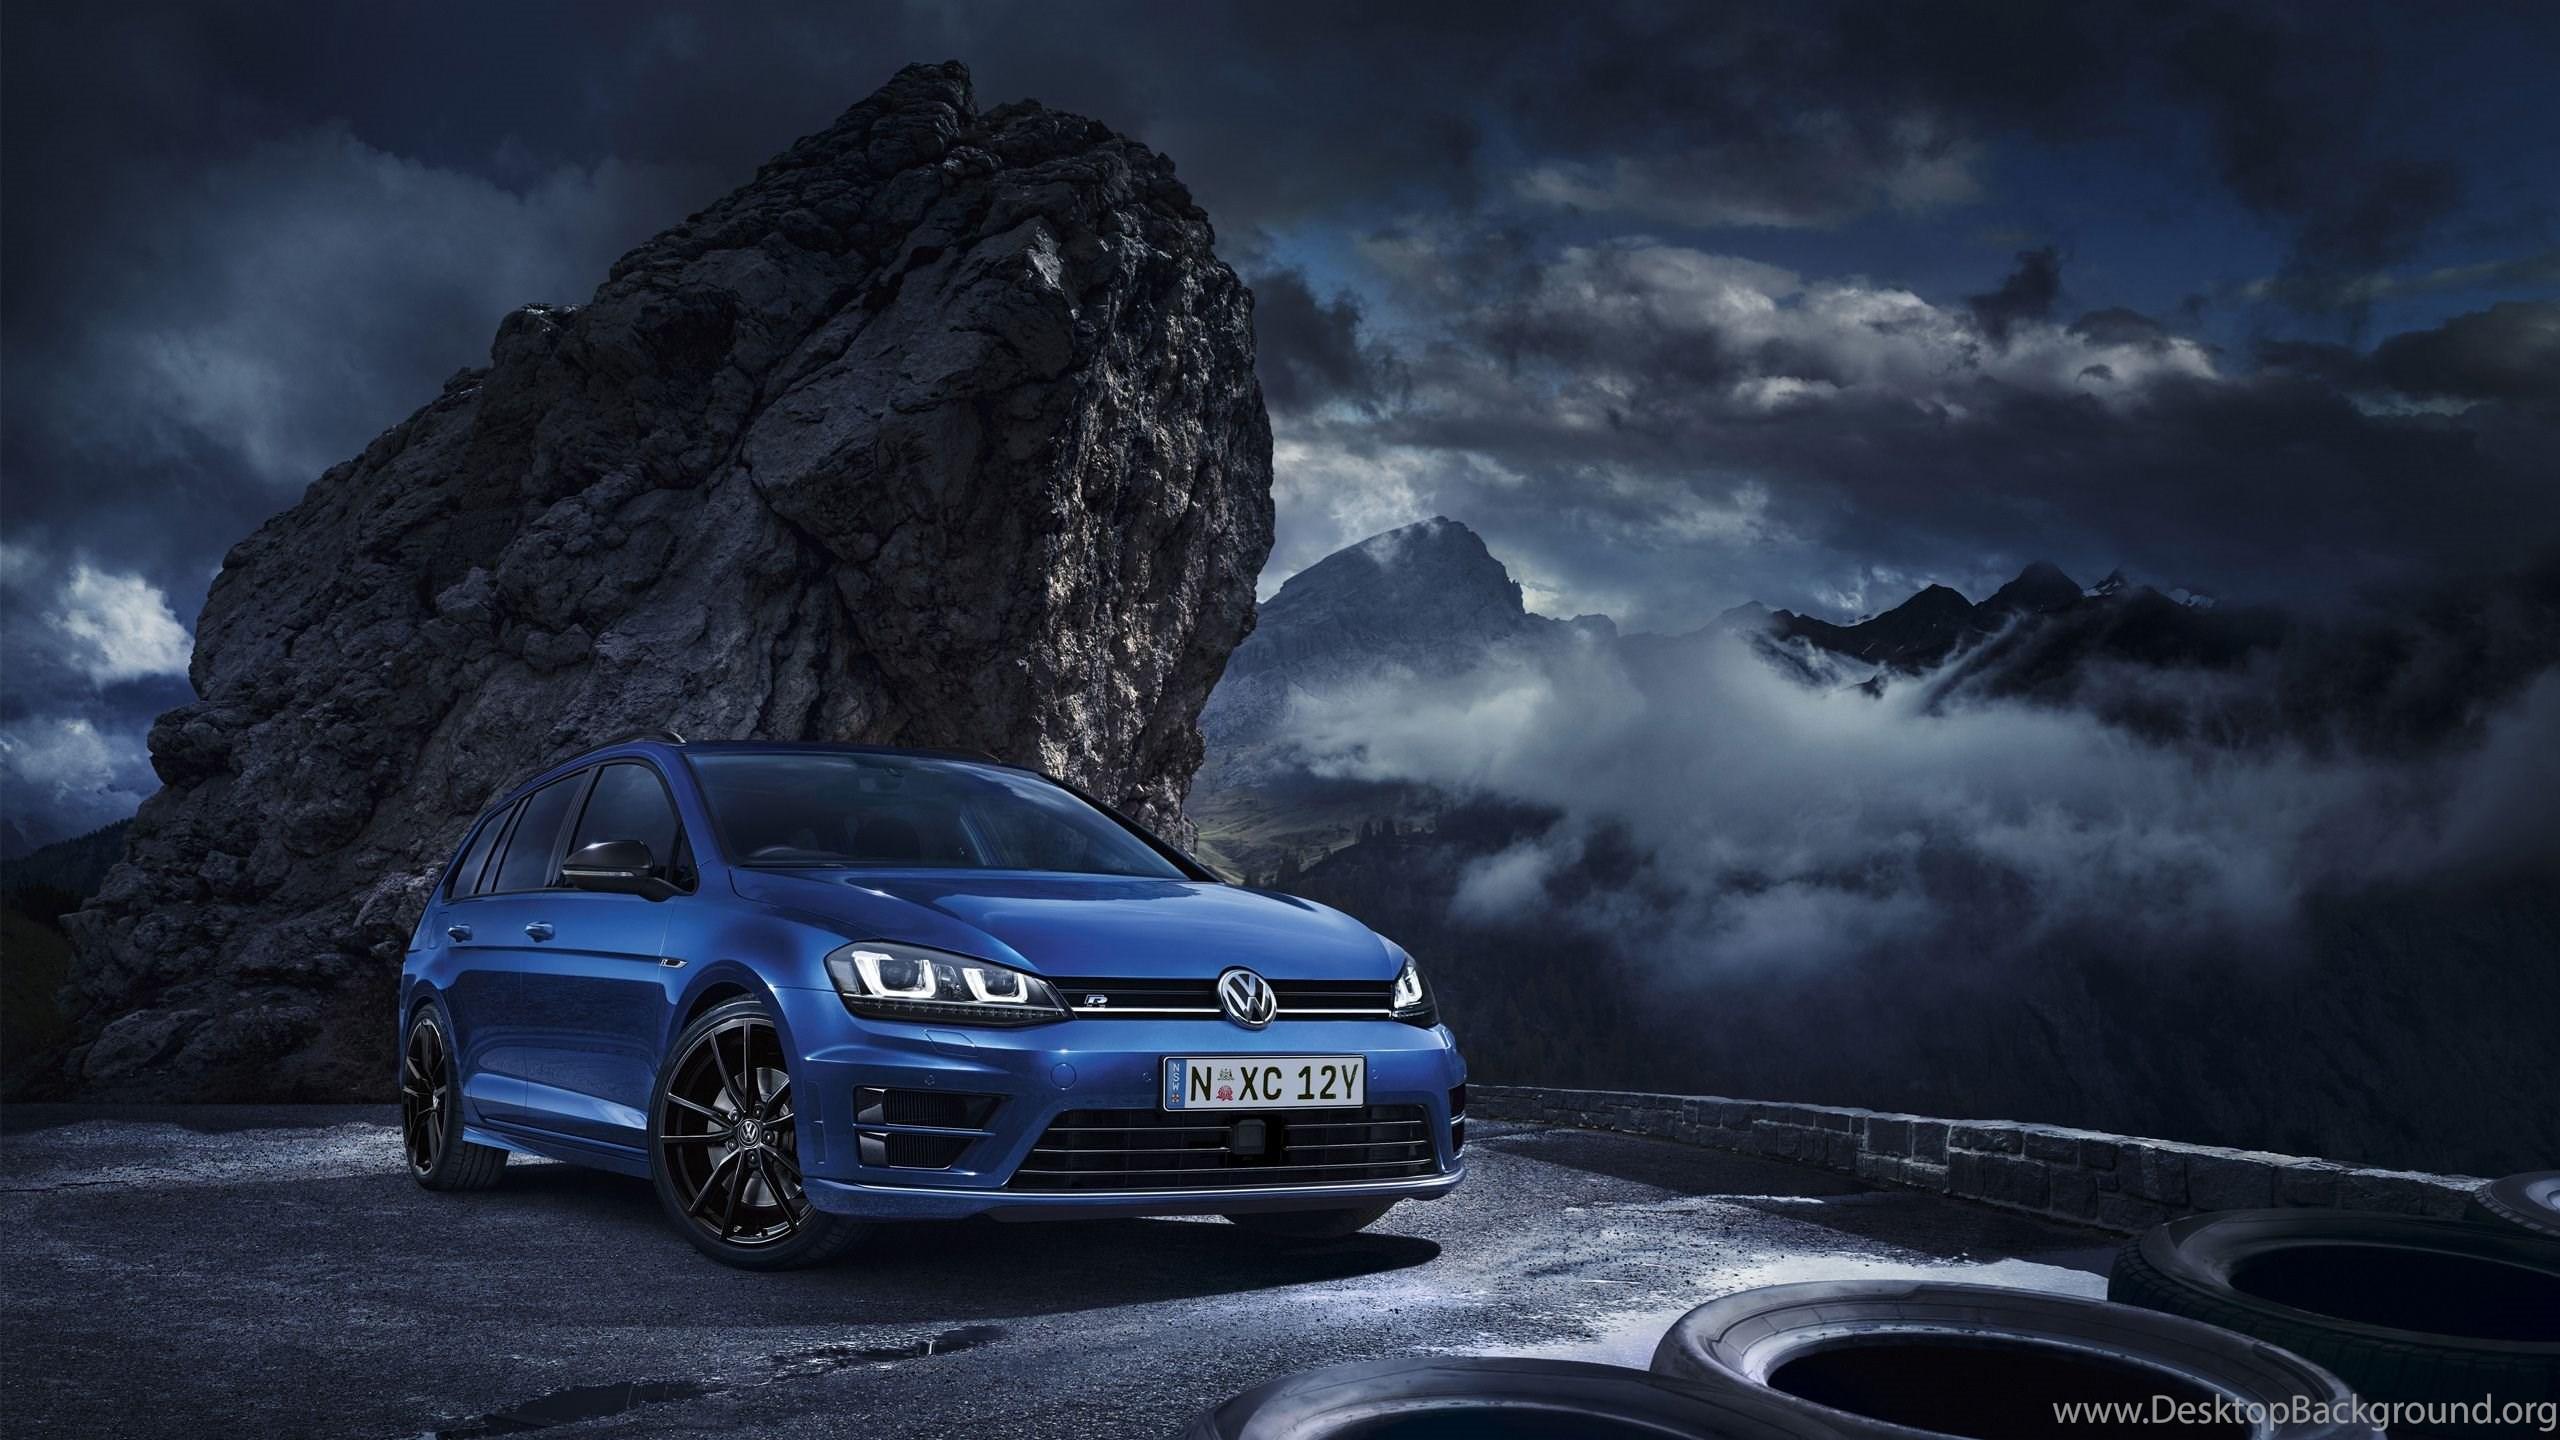 2015 Volkswagen Golf R Wagon Wallpapers Desktop Background